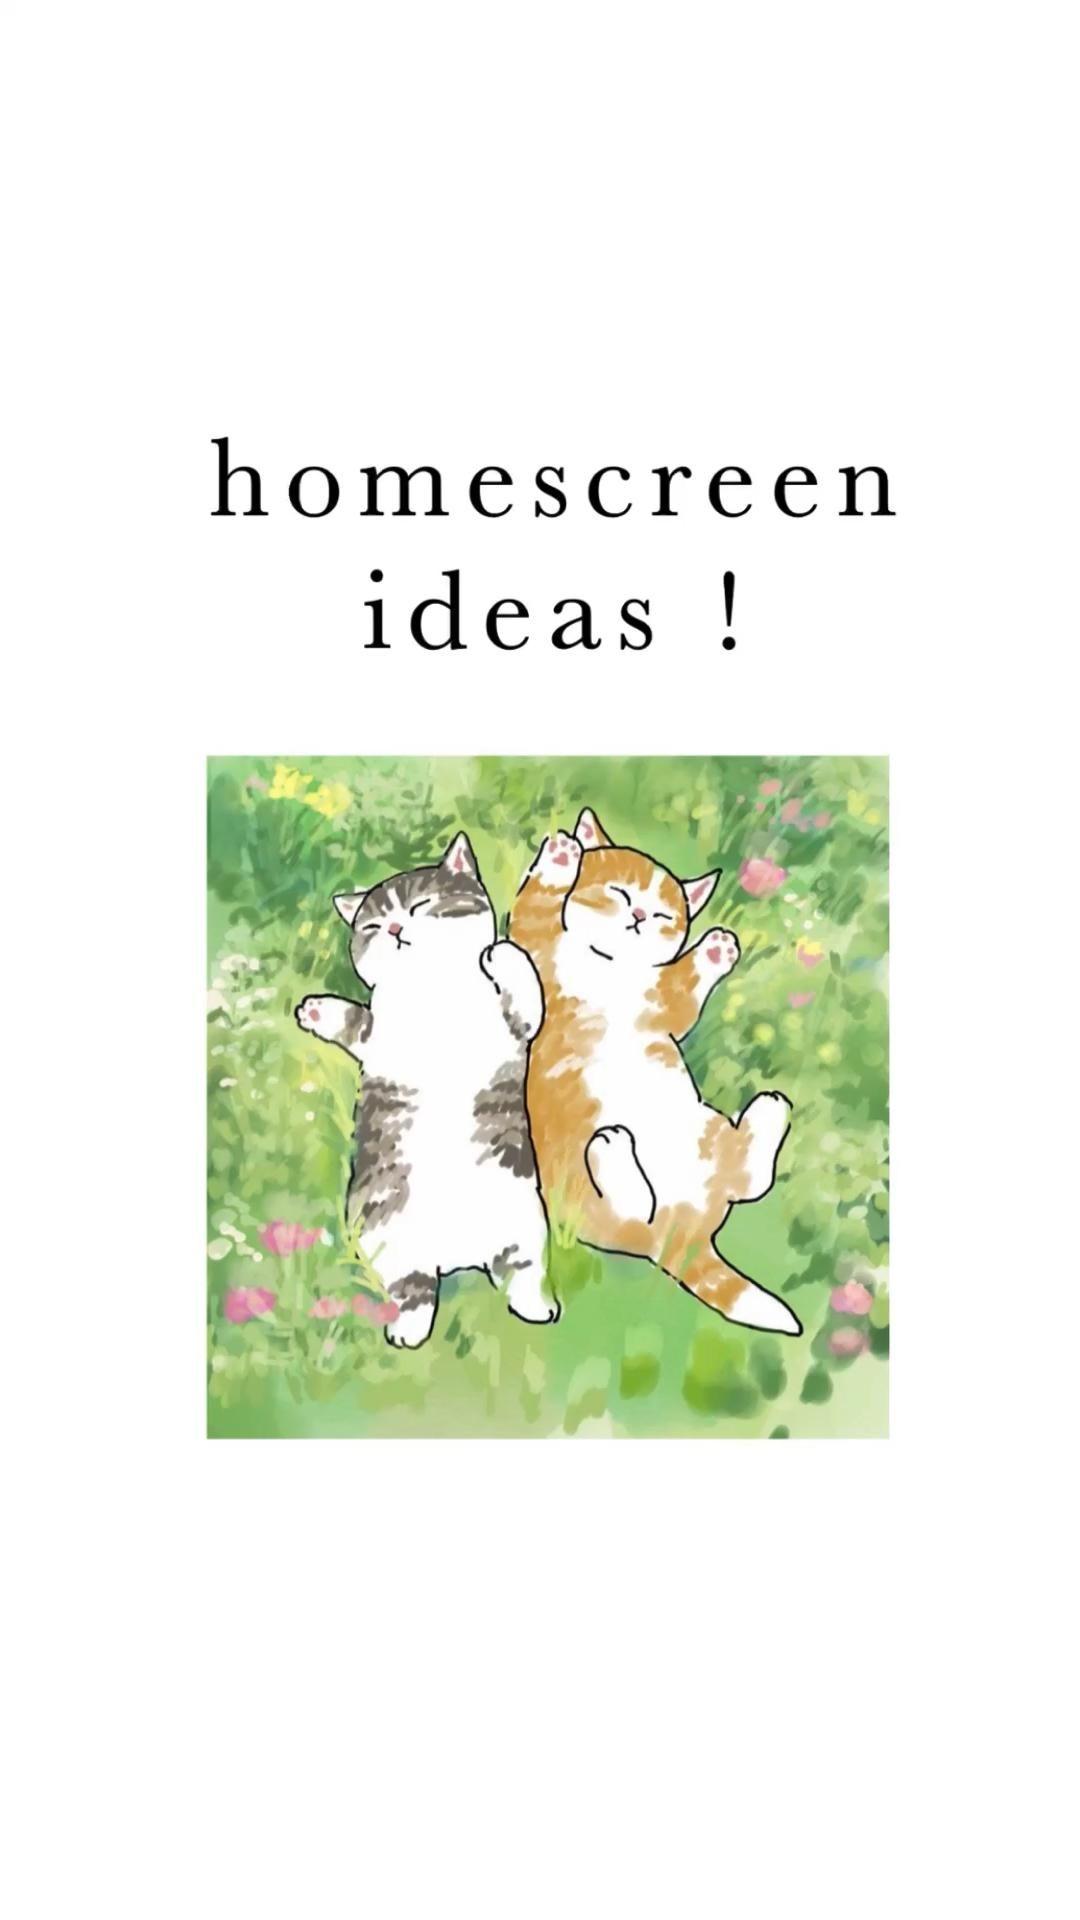 homescreen ideas <3